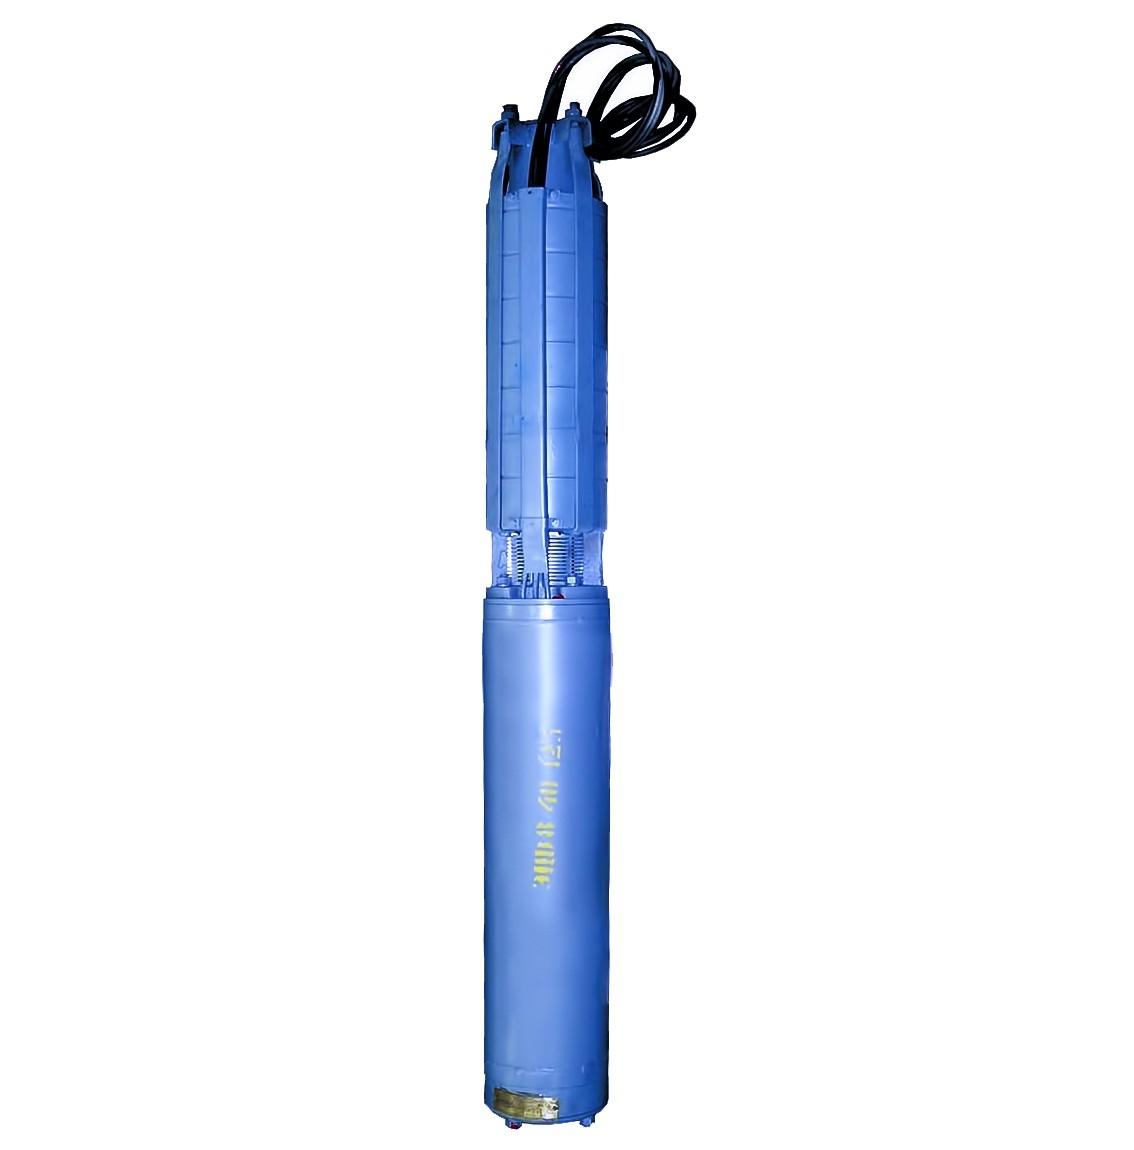 Погружной насос ЭЦВ 5-6,5-80 армлен